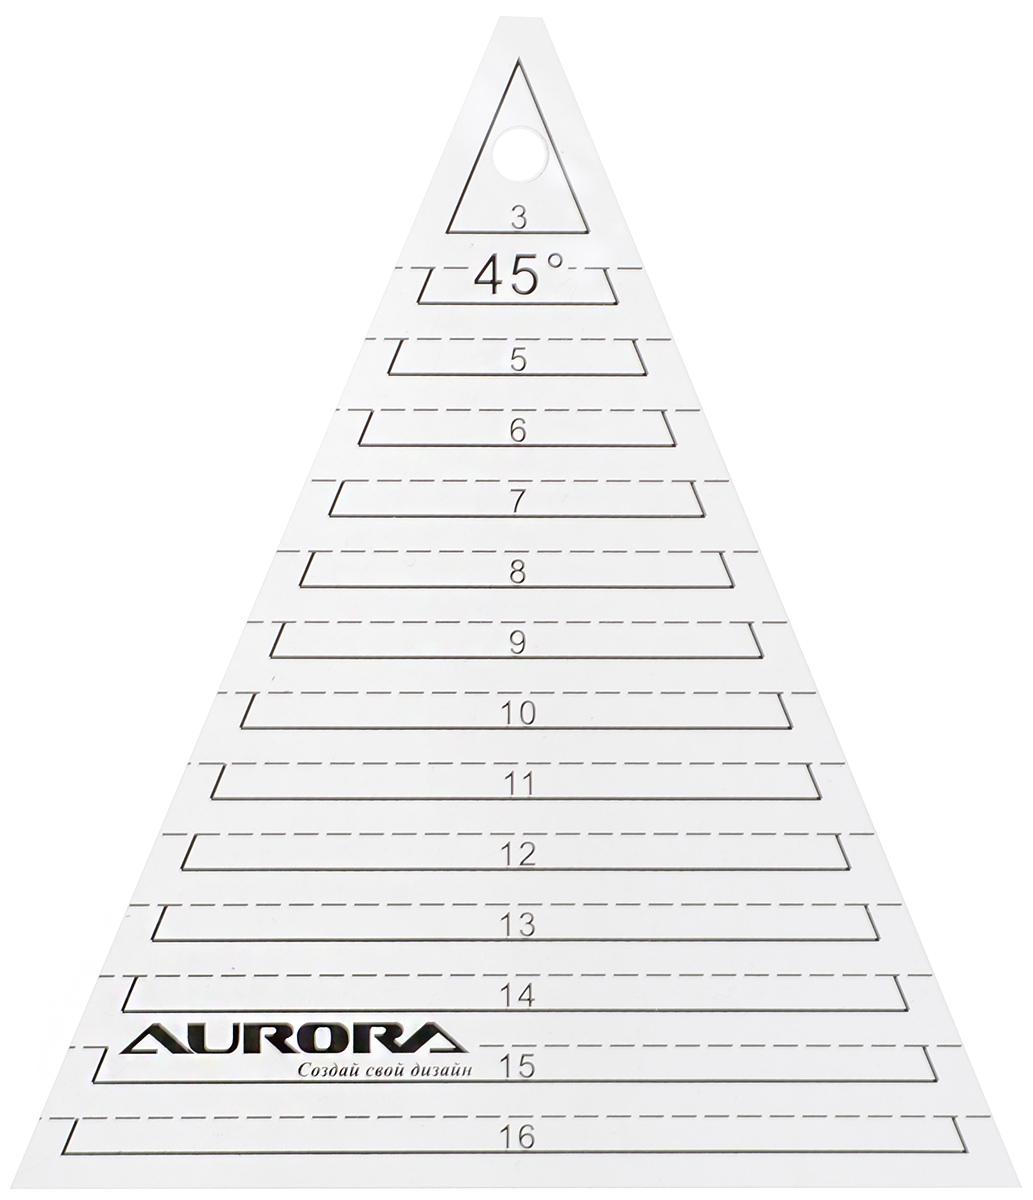 Линейка для пэчворка Aurora Треугольник, с углом 45°, 16,5 х 14,5 смAU-45Линейка для пэчворка Aurora Треугольник выполнена из высококачественного прозрачного пластика. Она предназначена для изготовления треугольников с углом 45° и высотой от 3 до 16 см. Разметки на линейке выполнены из высокостойкой краски.